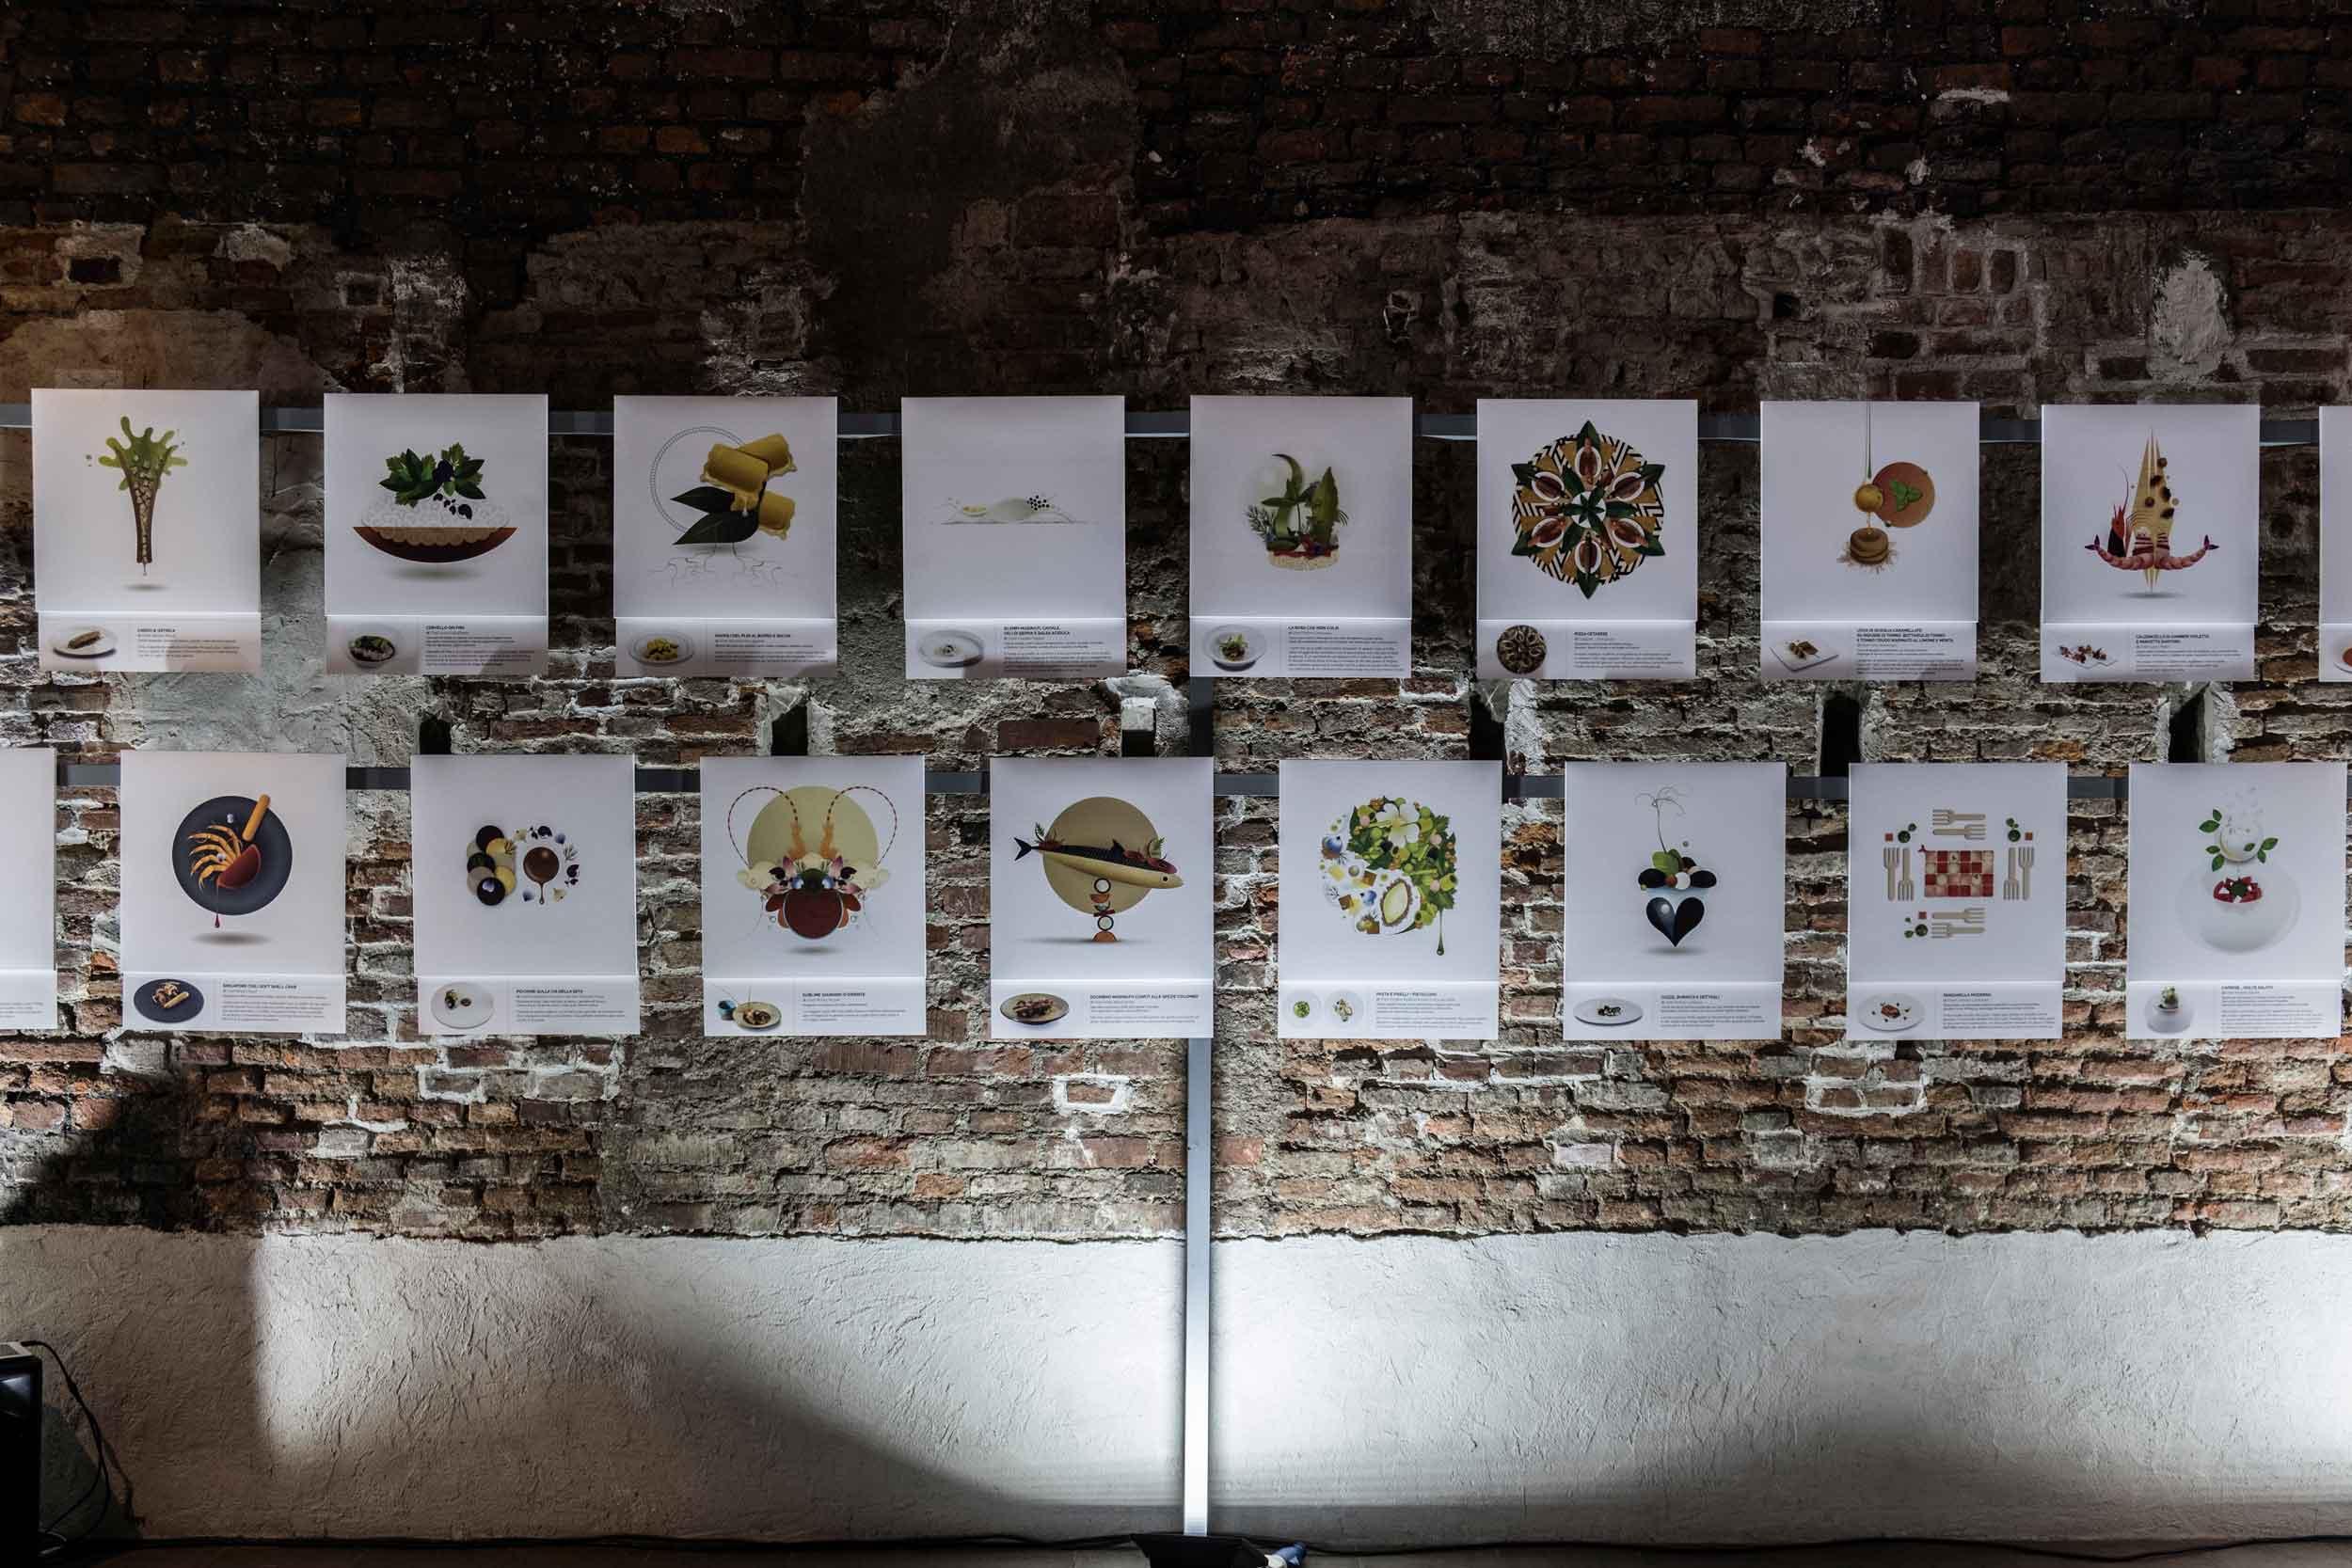 Sublime food design ricette in cibografica mostra A